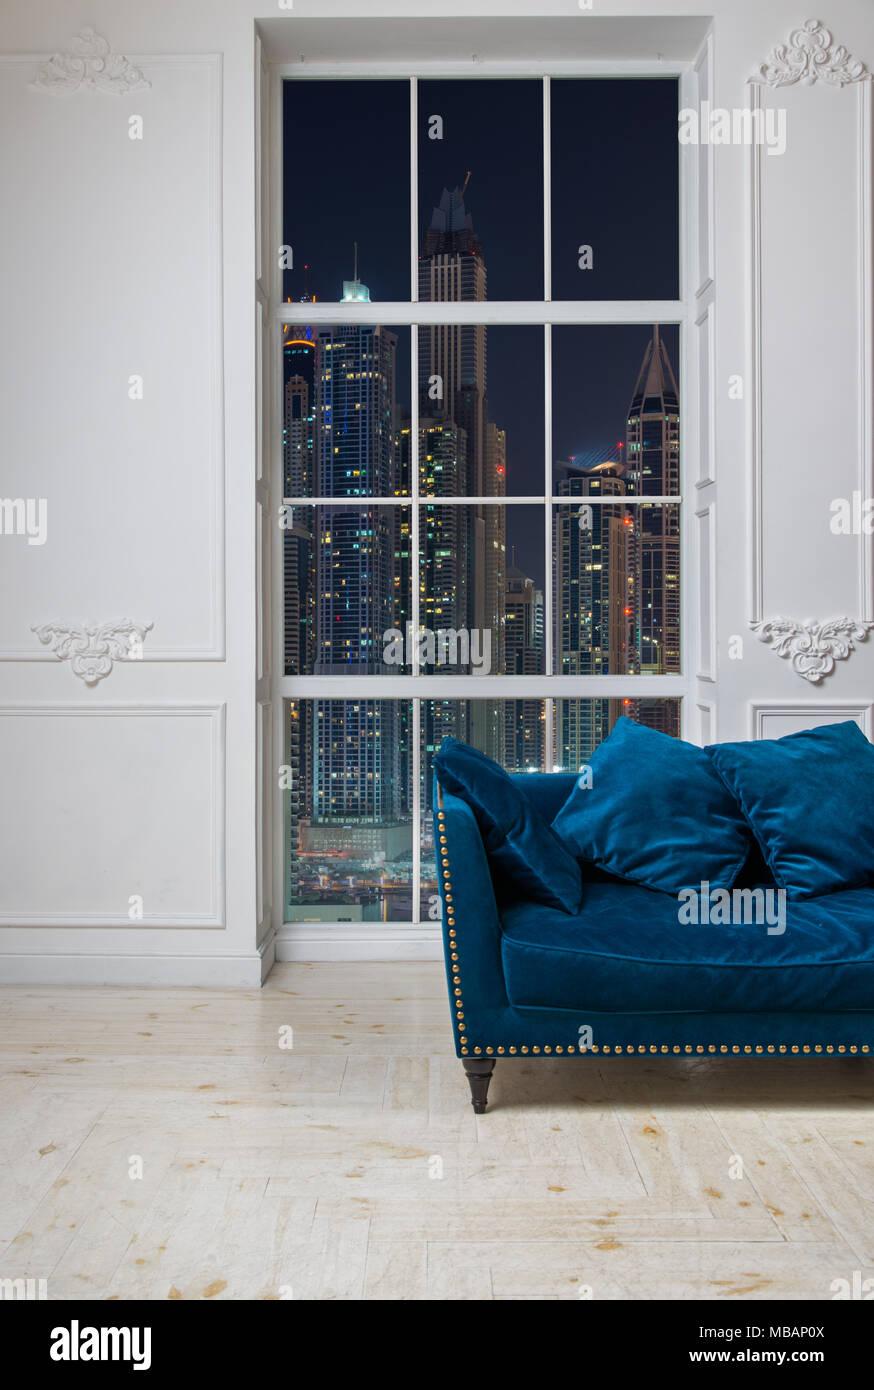 Beste Blaue Couch Wohnzimmer Ideen - Wohnzimmer Design-Ideen ...